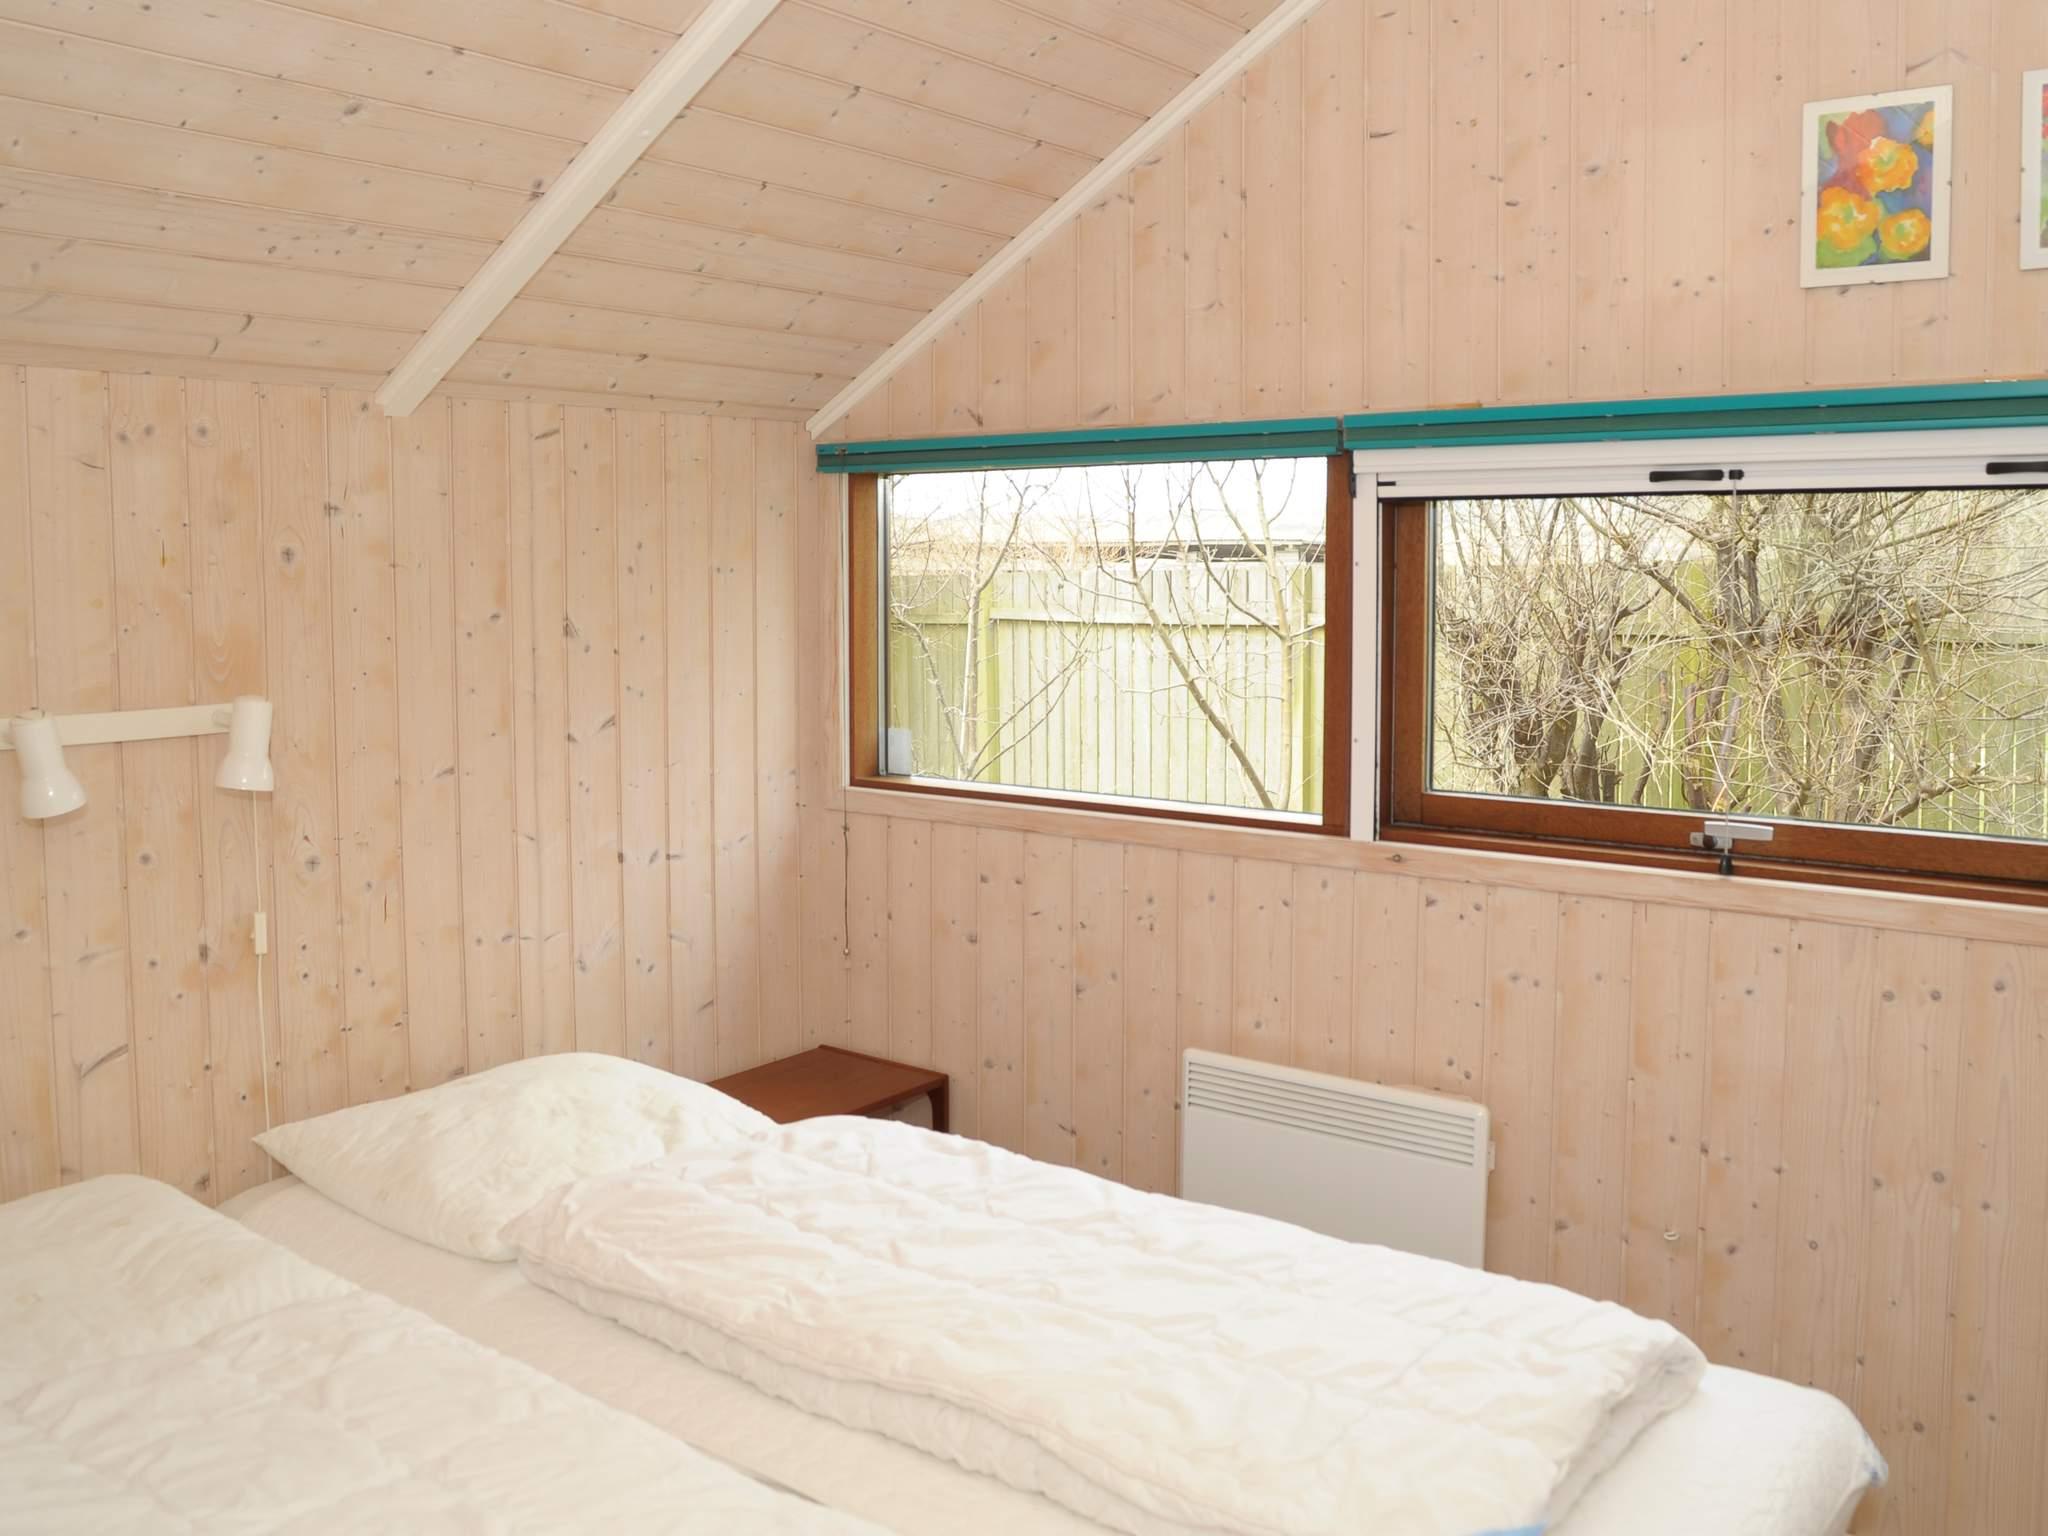 Ferienhaus Vemmingbund (82622), Broager, , Südostjütland, Dänemark, Bild 11